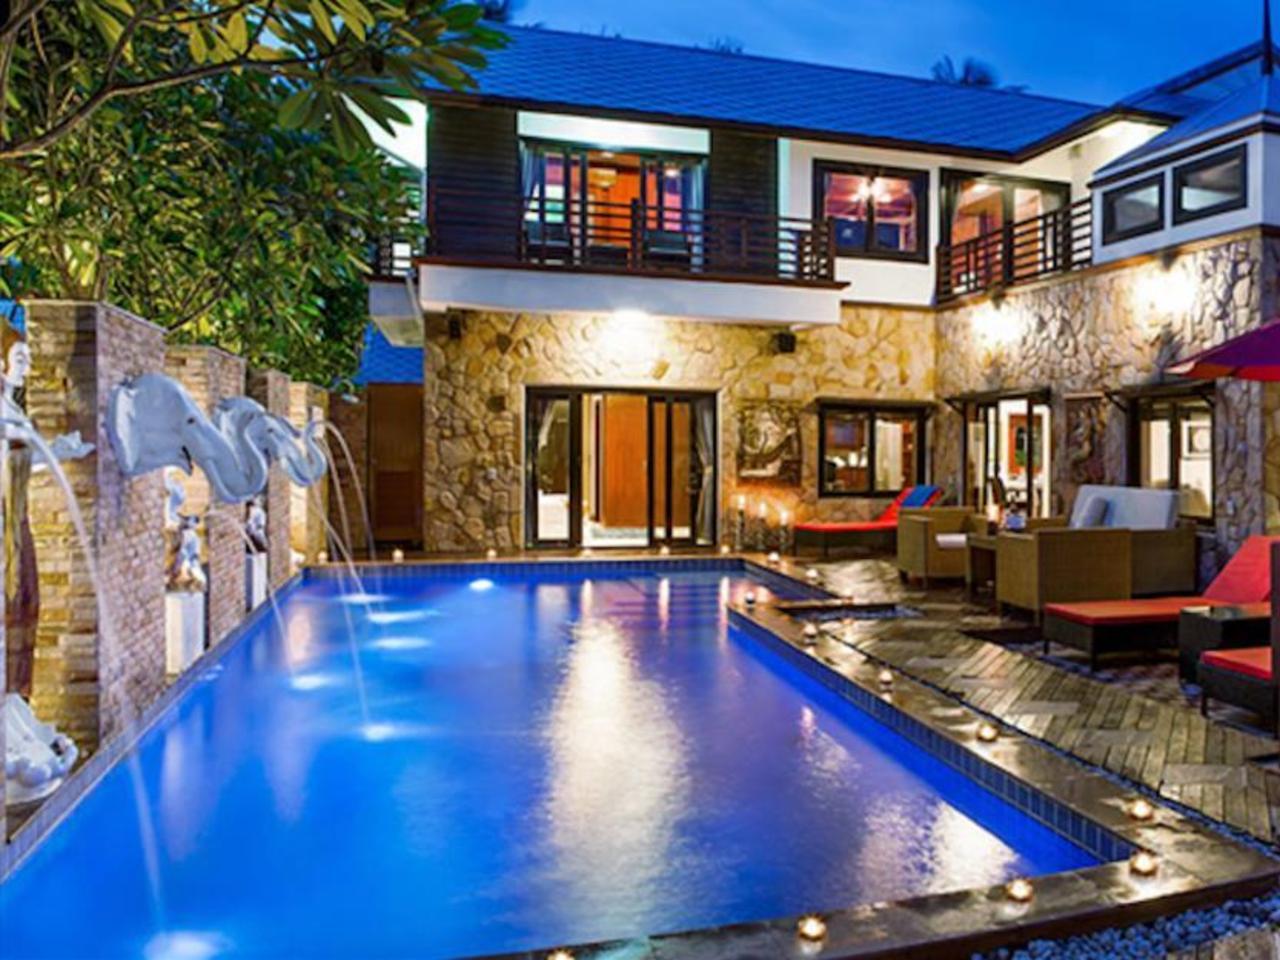 4 เบดรูม ลักซัวรี วิลลา 2 เฉวง (4 Bedroom Luxury Villa 2 Chaweng)